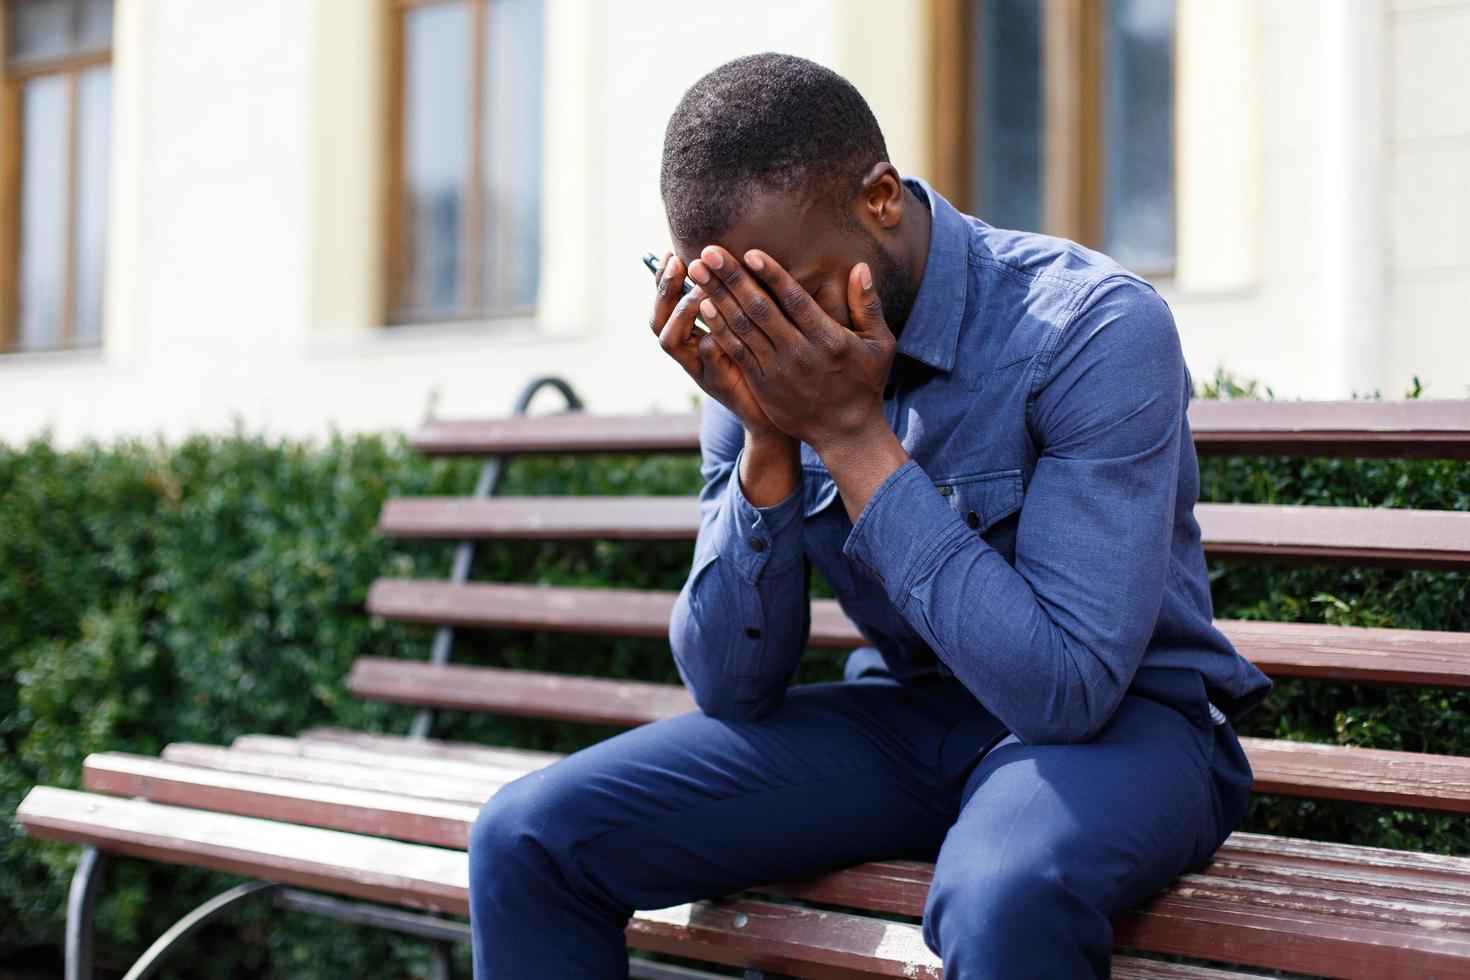 homme fatigué est assis sur le banc à l'extérieur photo